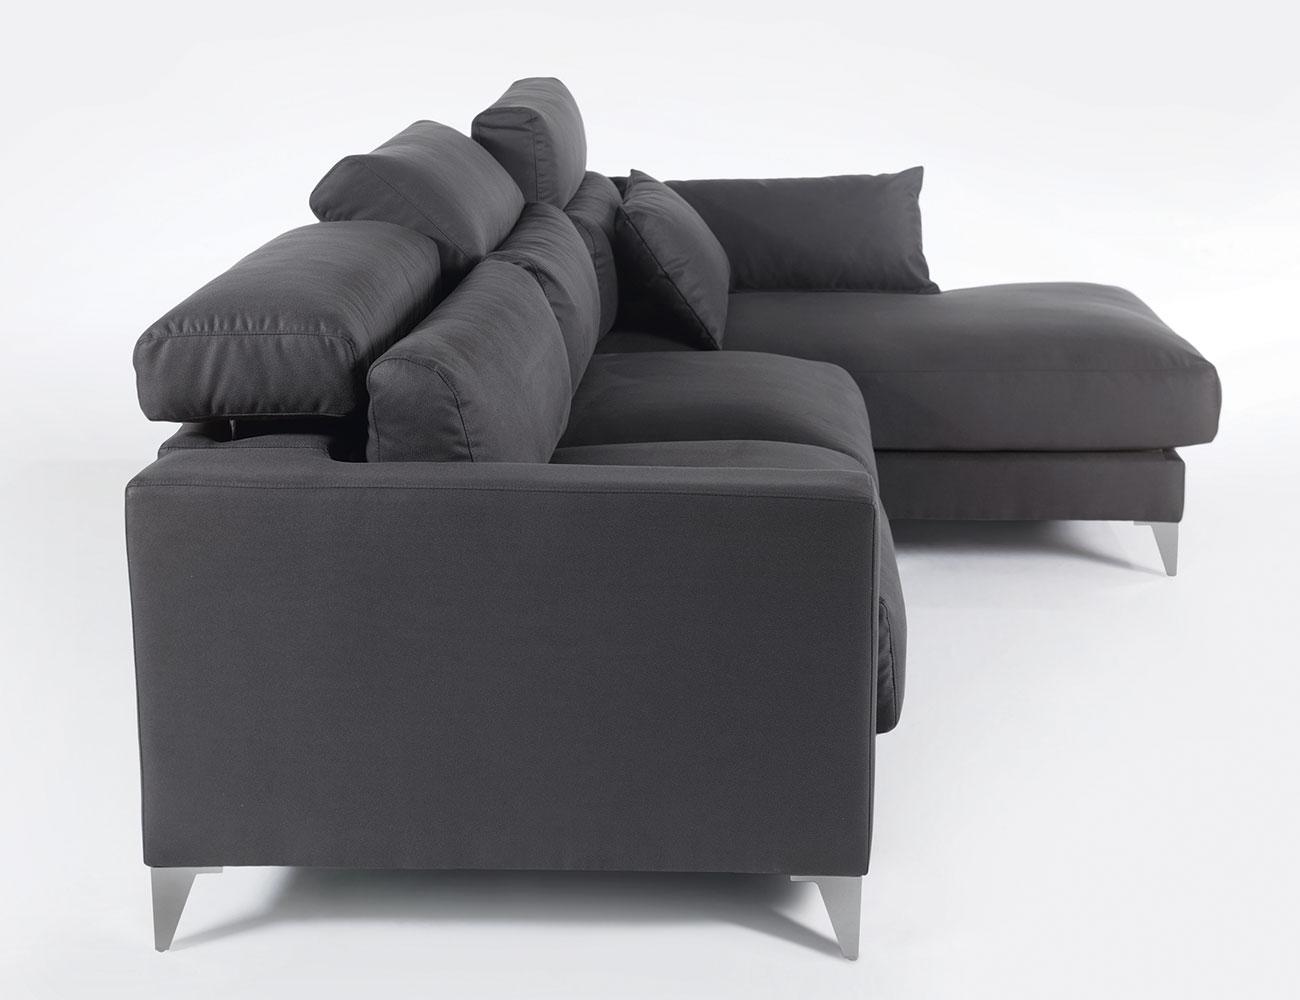 Sofa chaiselongue gran lujo decorativo grafito 119